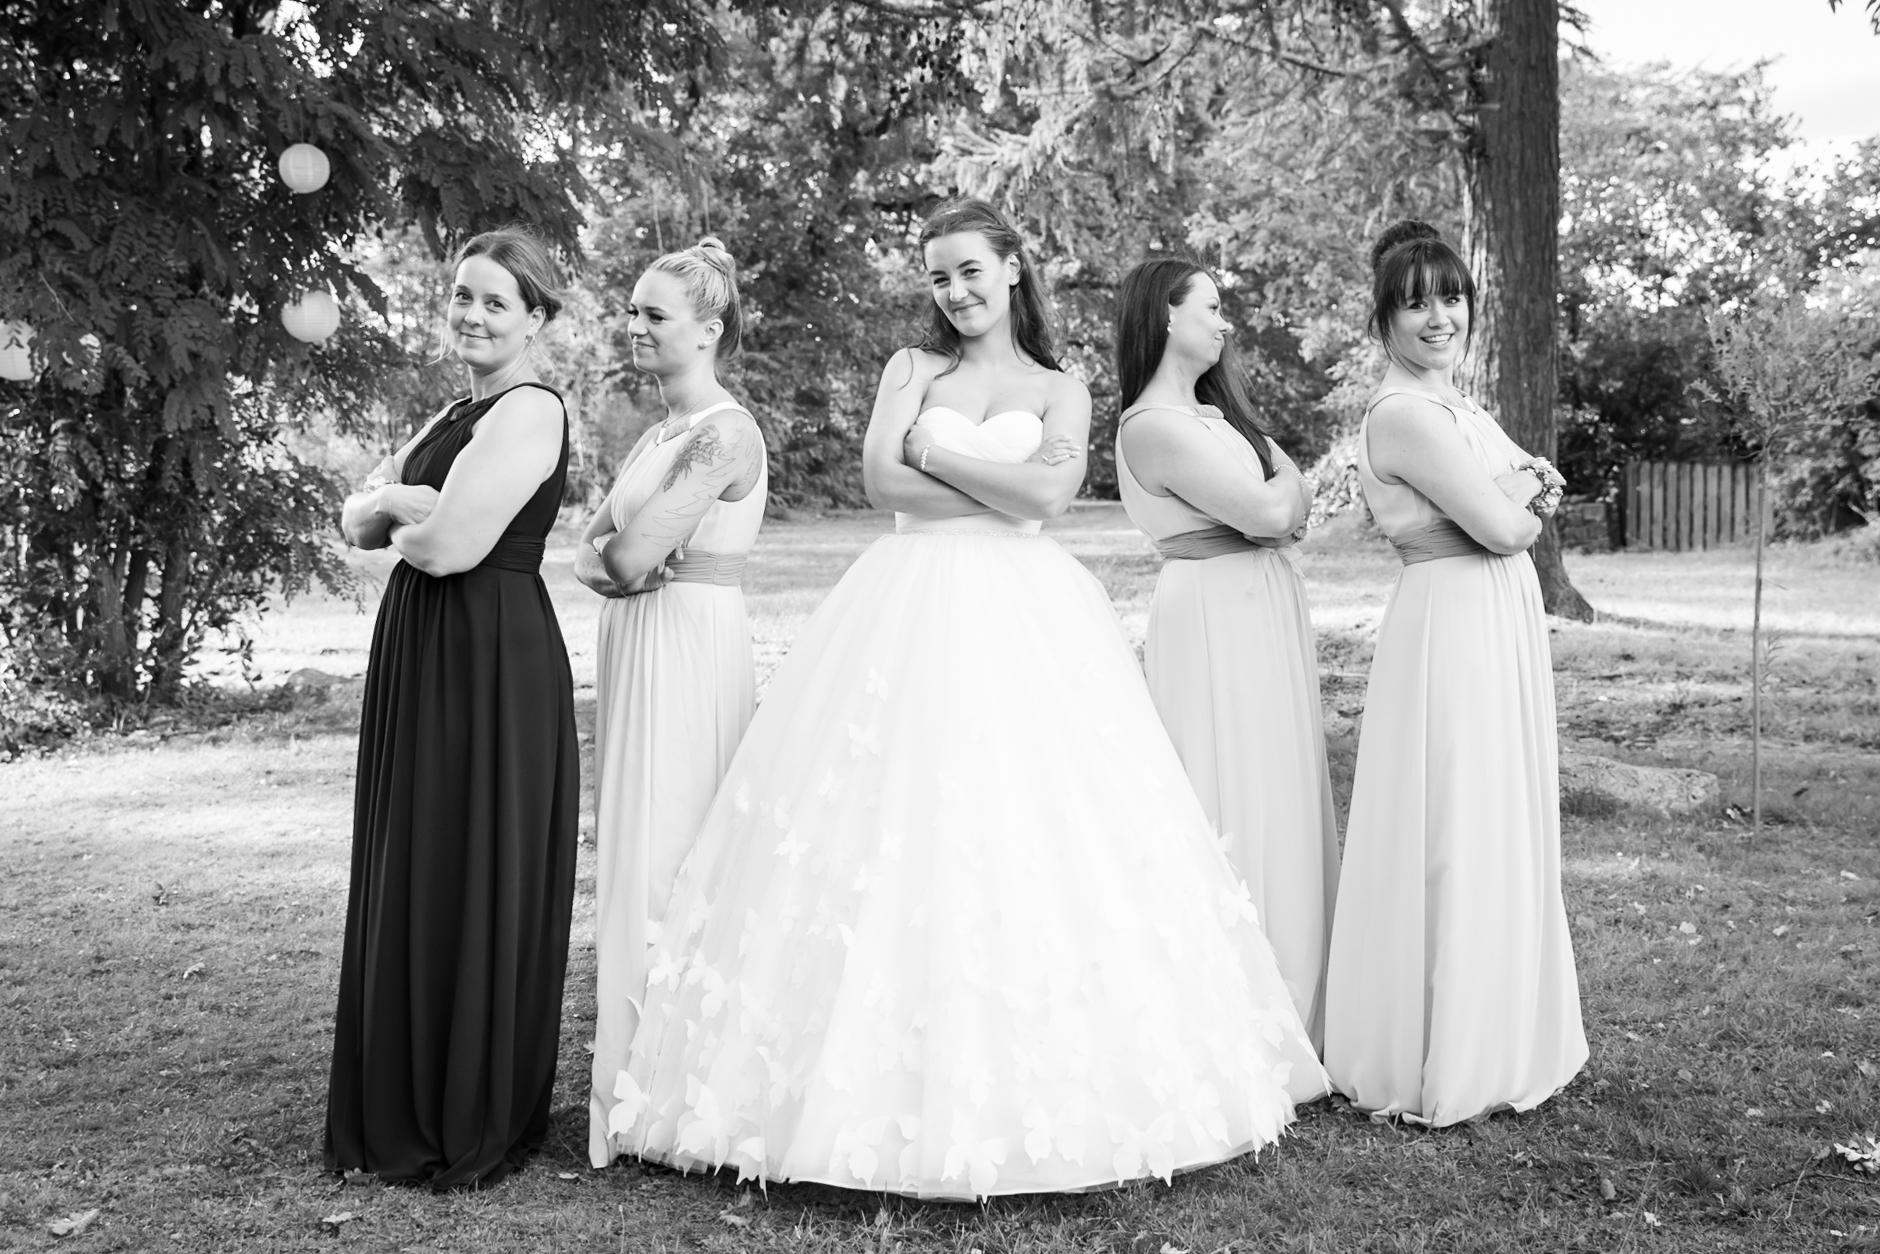 Gruppenbilder sind ein Muss für jede Hochzeitsreportage, in jeder erdenklichen Kombination